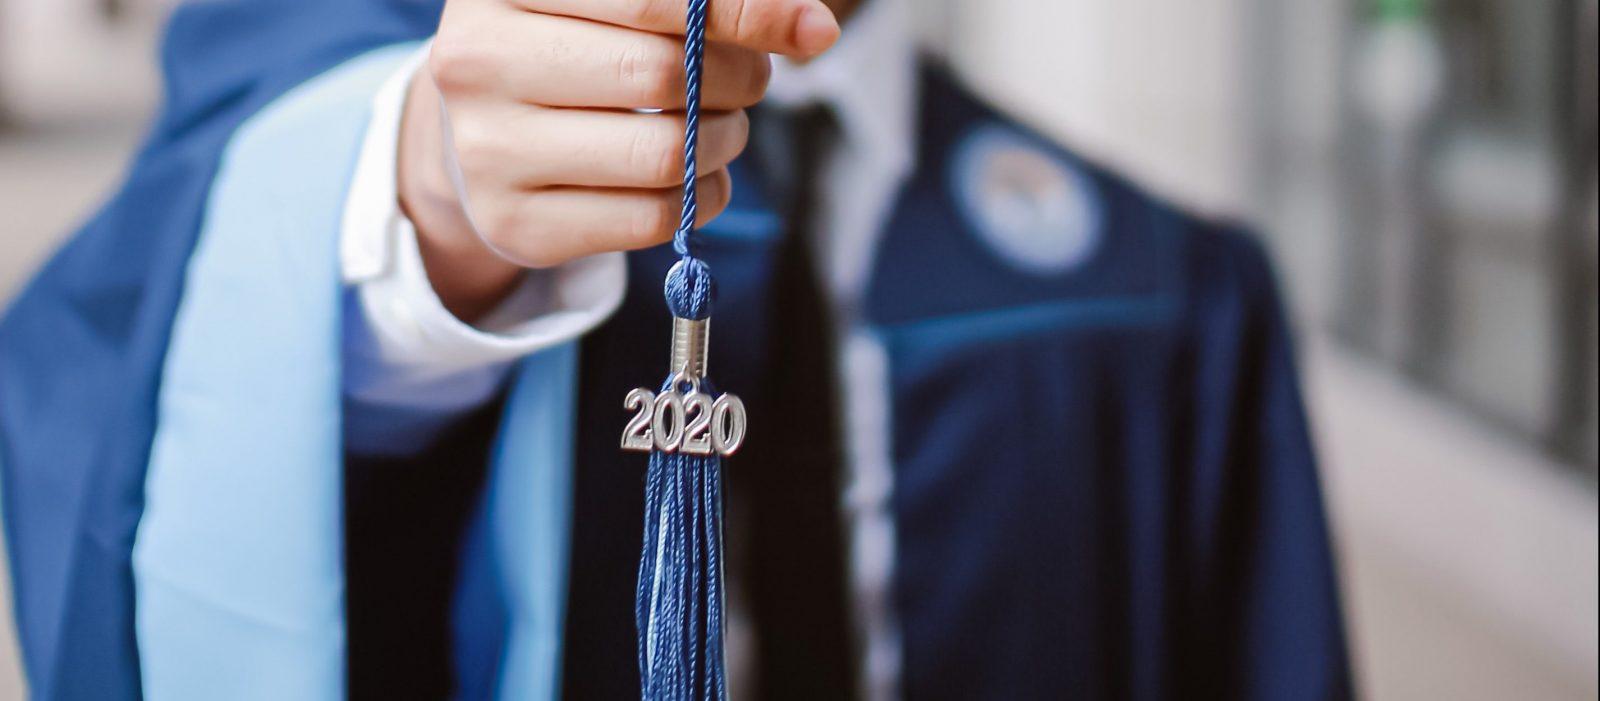 Call 'em 'Graduates'